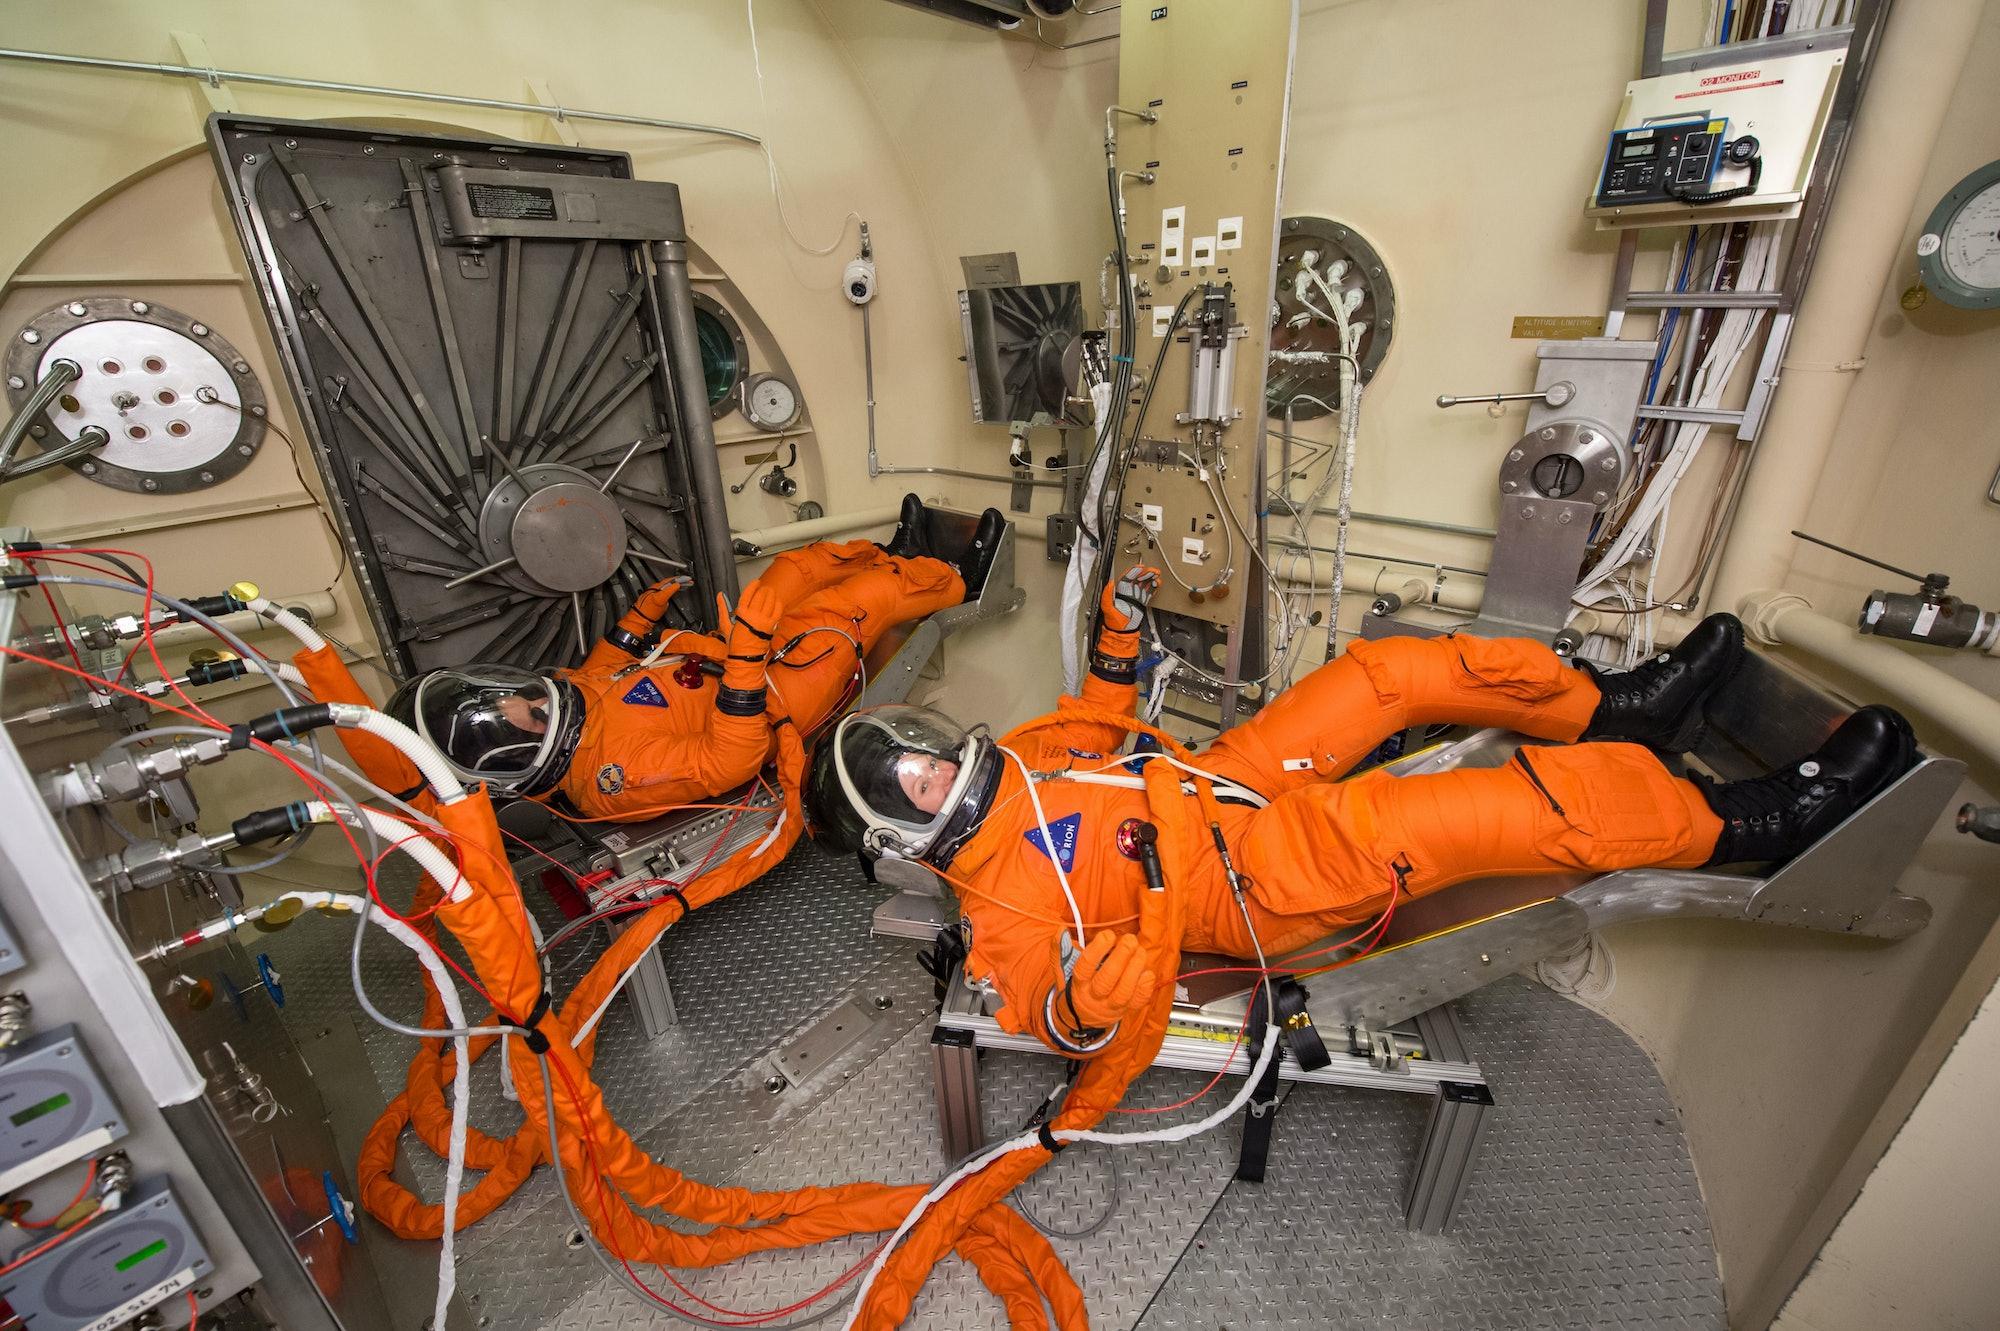 NASA deep space spacesuit